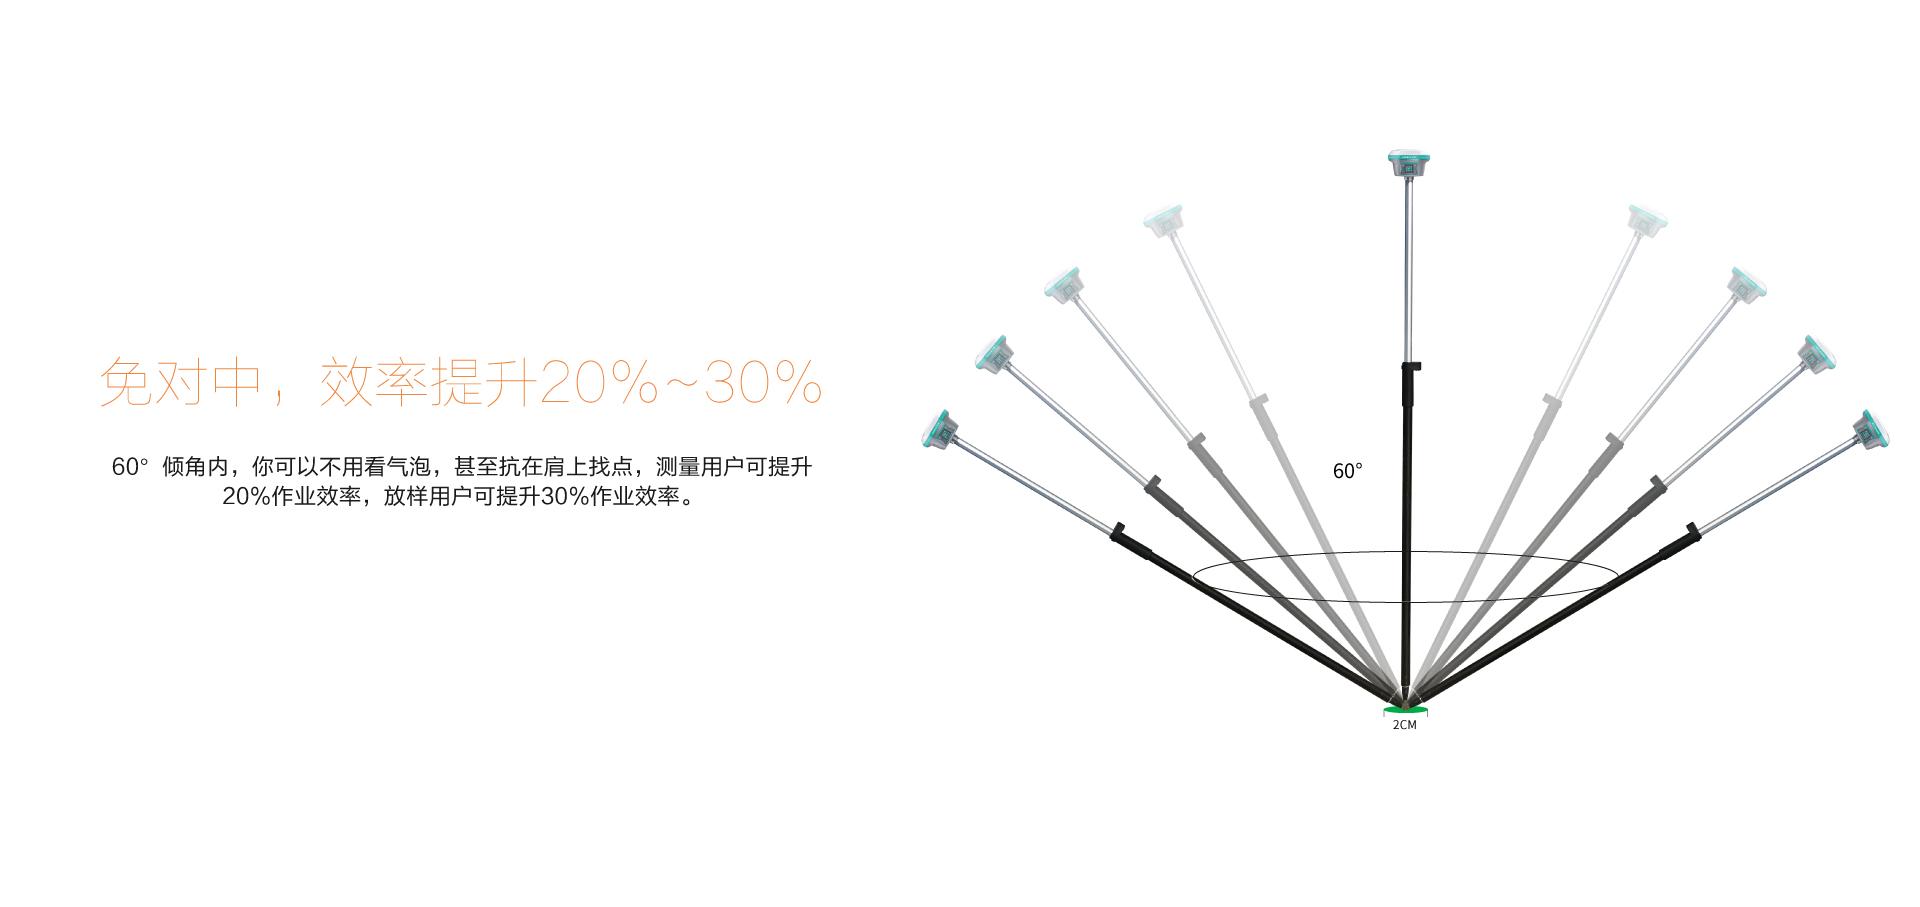 惯导RTK,华测惯导RTK,GNSS惯导接收机,华测导航惯导RTK